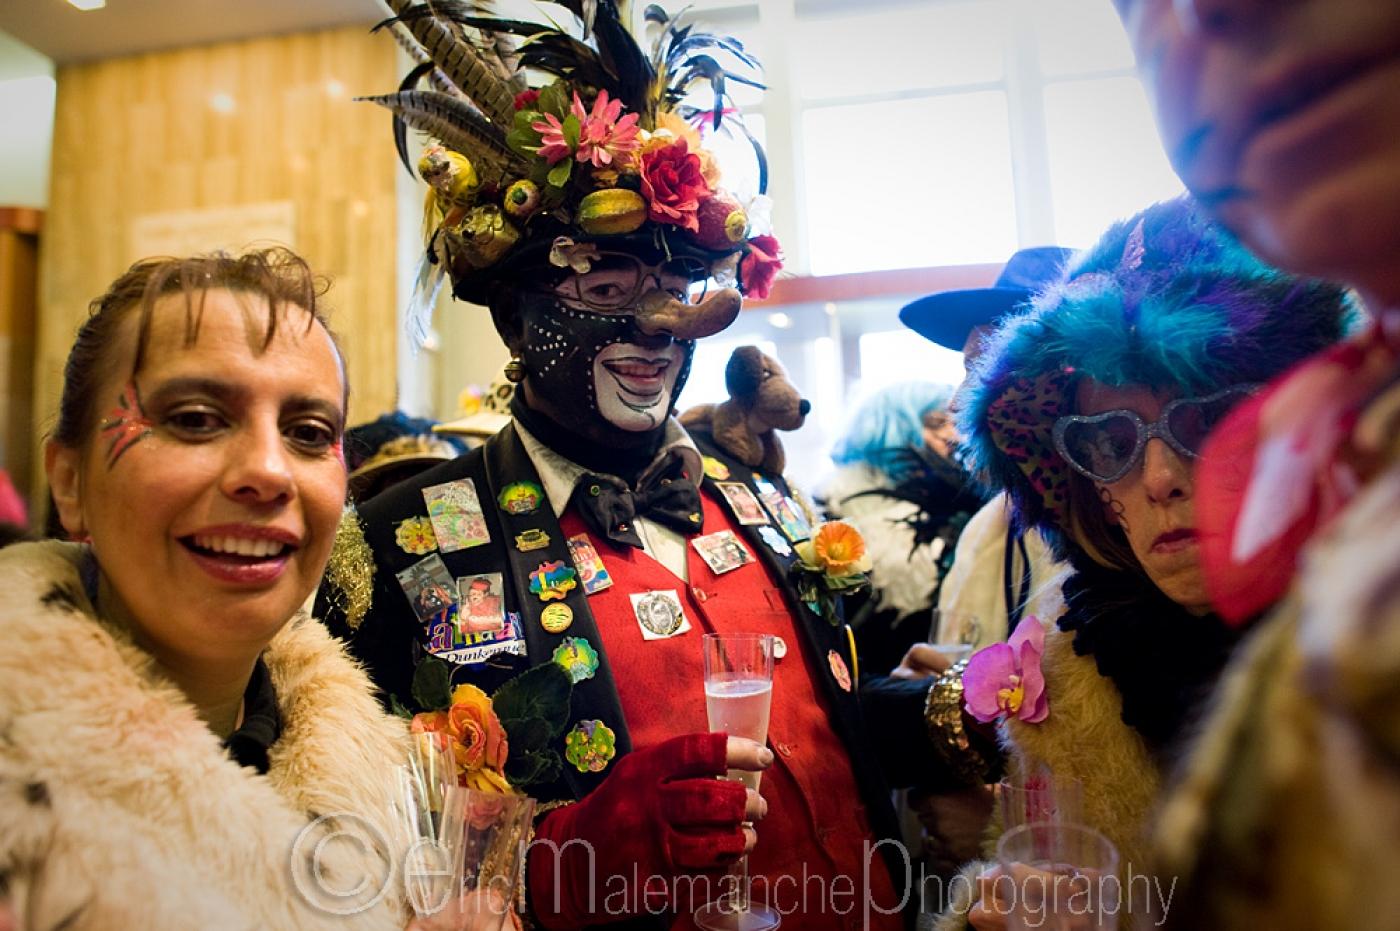 https://www.ericmalemanche.com/imagess/topics/carnaval-de-dunkerque/liste/Carnaval-Dunkerque-1562.jpg